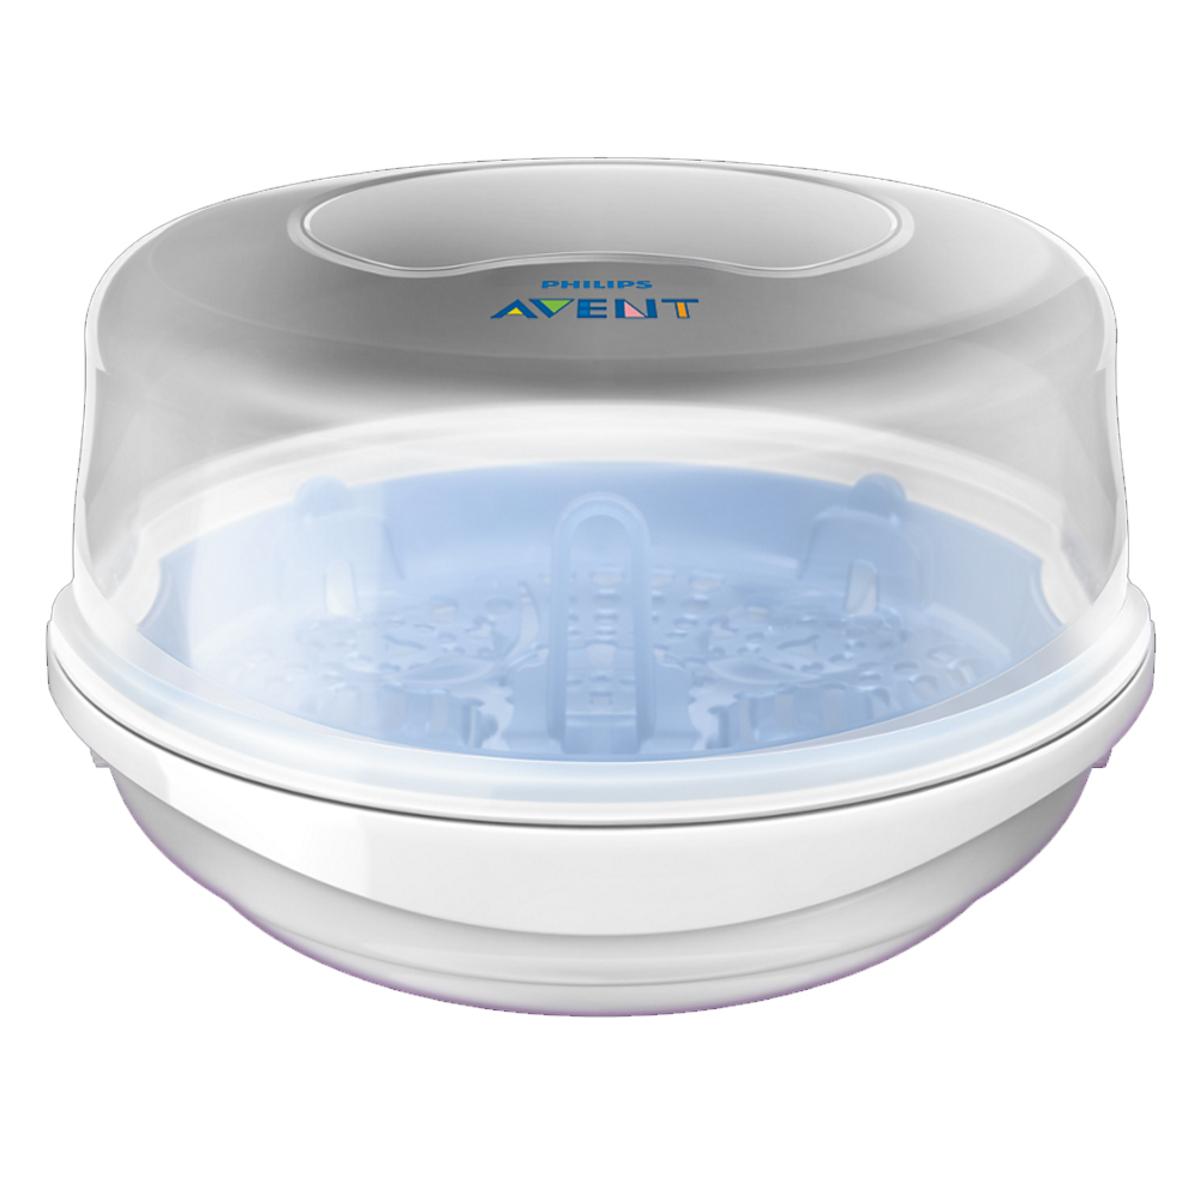 Stérilisateur Stérilisateur Micro-ondes SCF281/02 Stérilisateur Micro-ondes SCF281/02